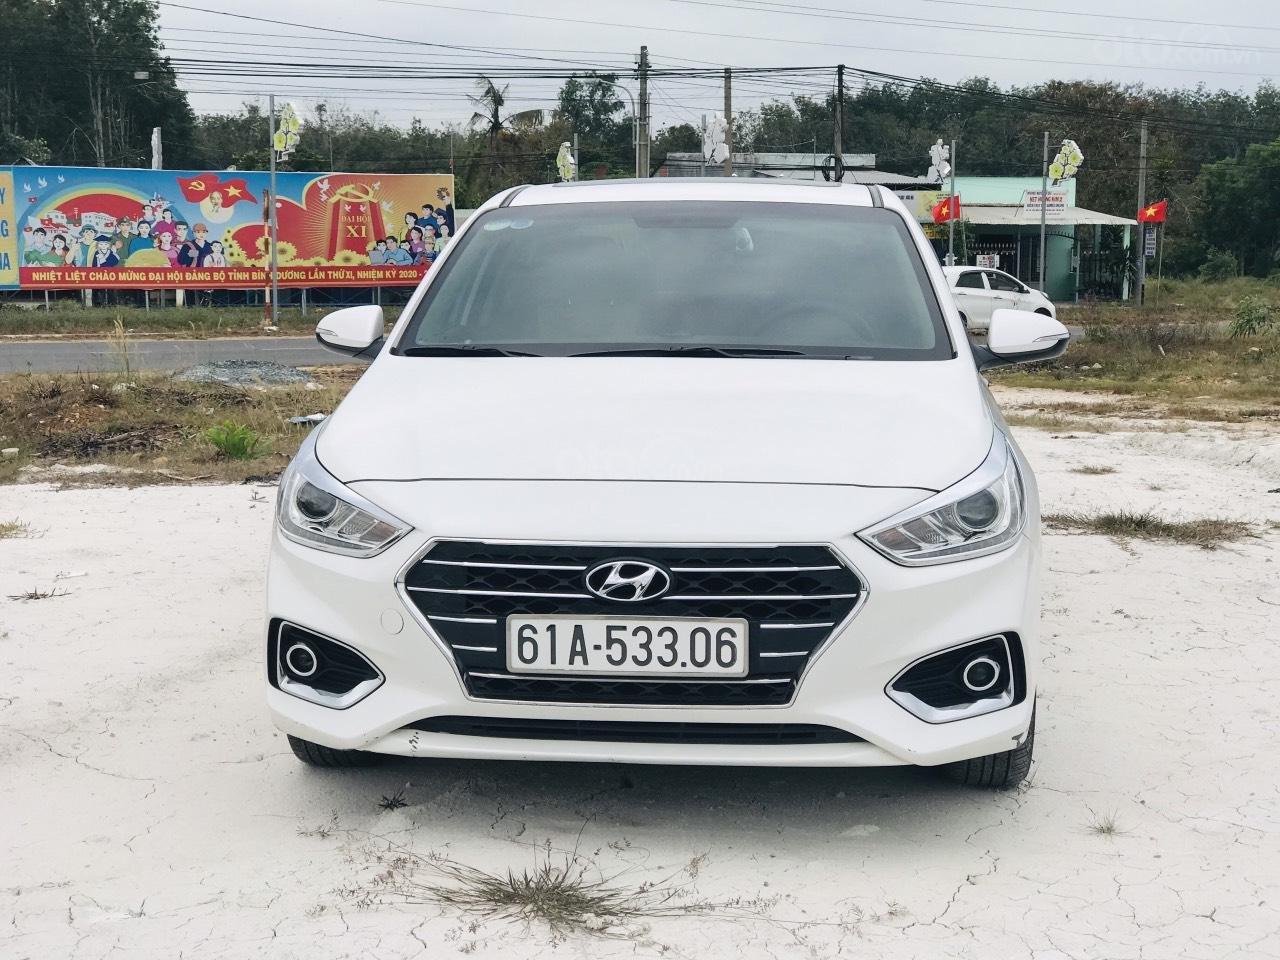 Mới về Hyundai Accent sản xuất 2018 1.4ATH bản đặc biệt (1)